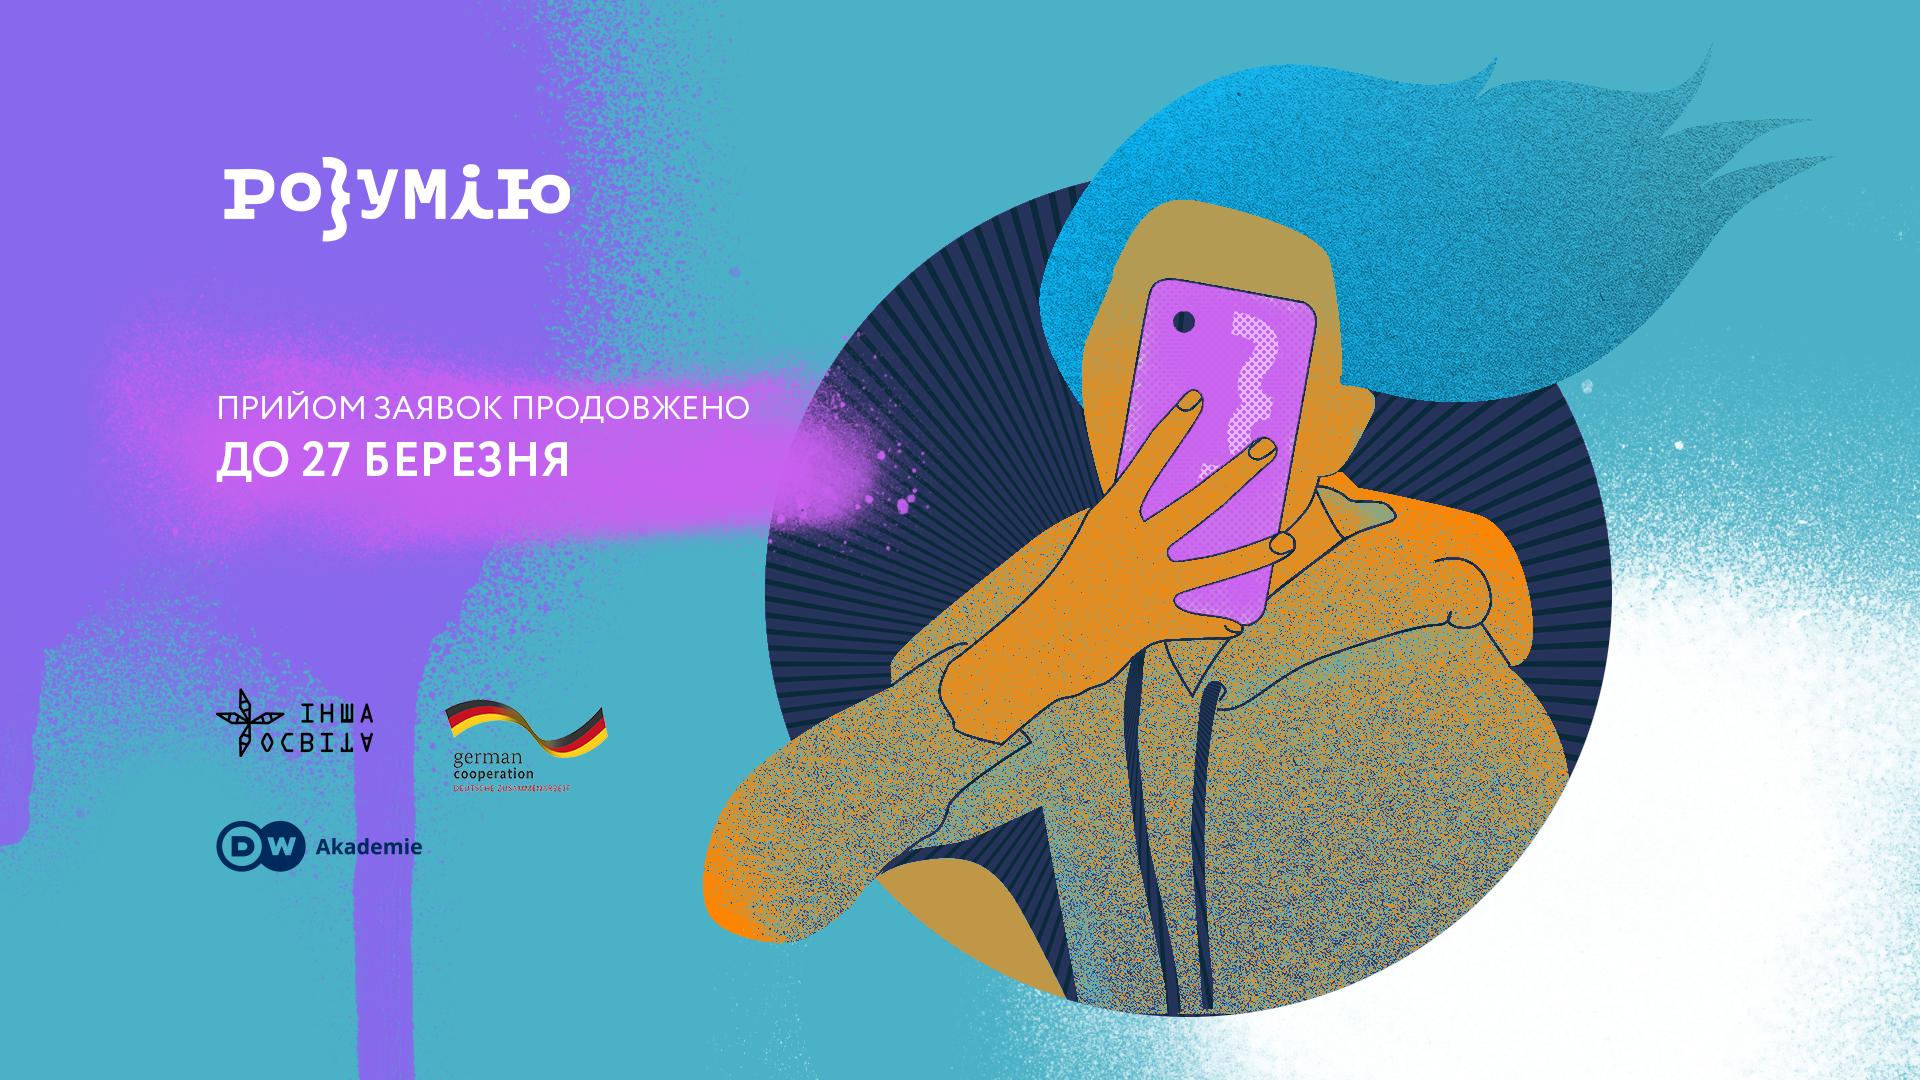 """Набір на програму медіаграмотності """"Розумію"""" продовжено до 27 березня"""